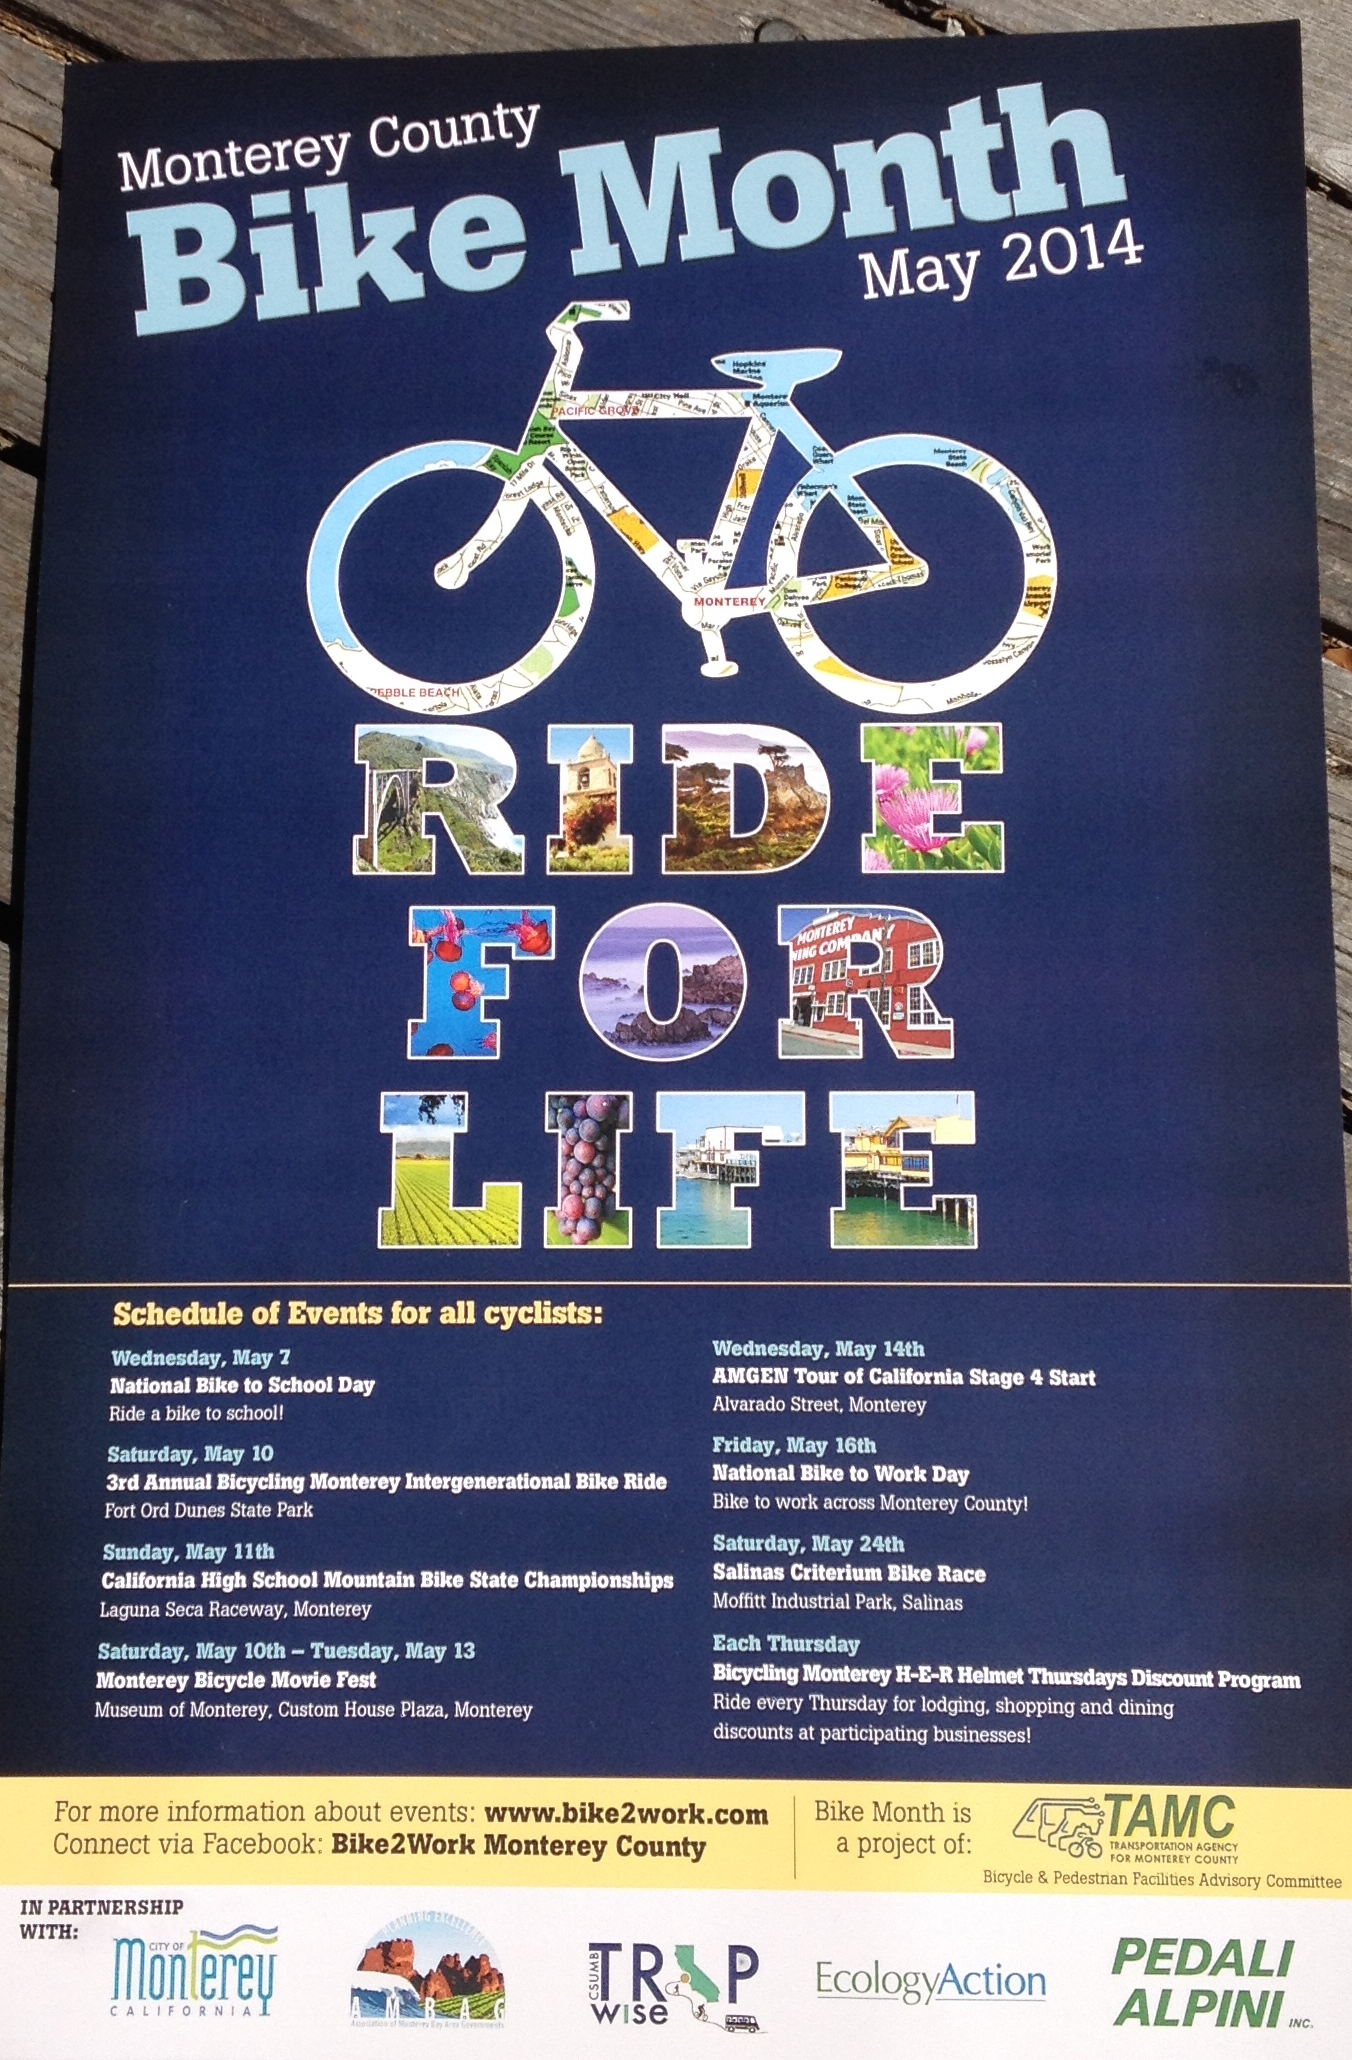 Información en español sobre las bicicletas: A compilation of